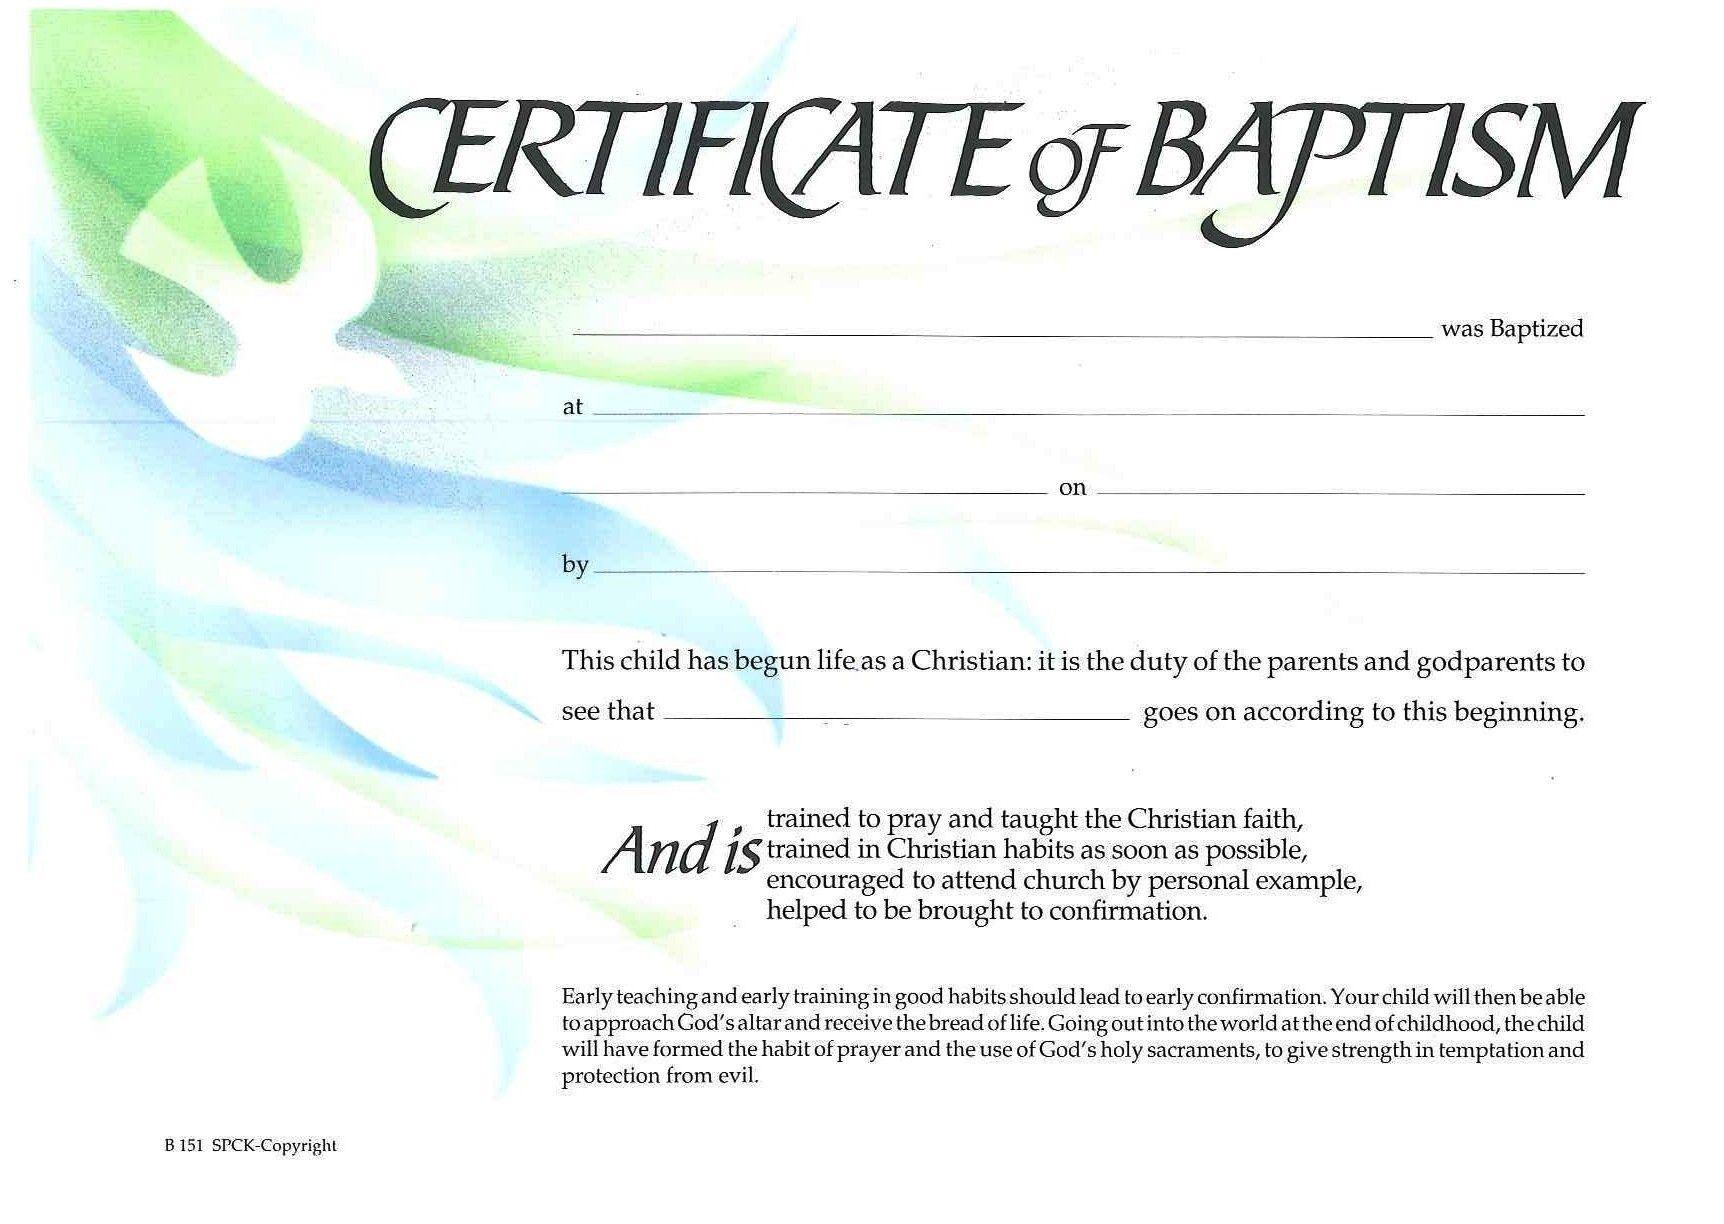 Baptism Certificate Xp4eamuz